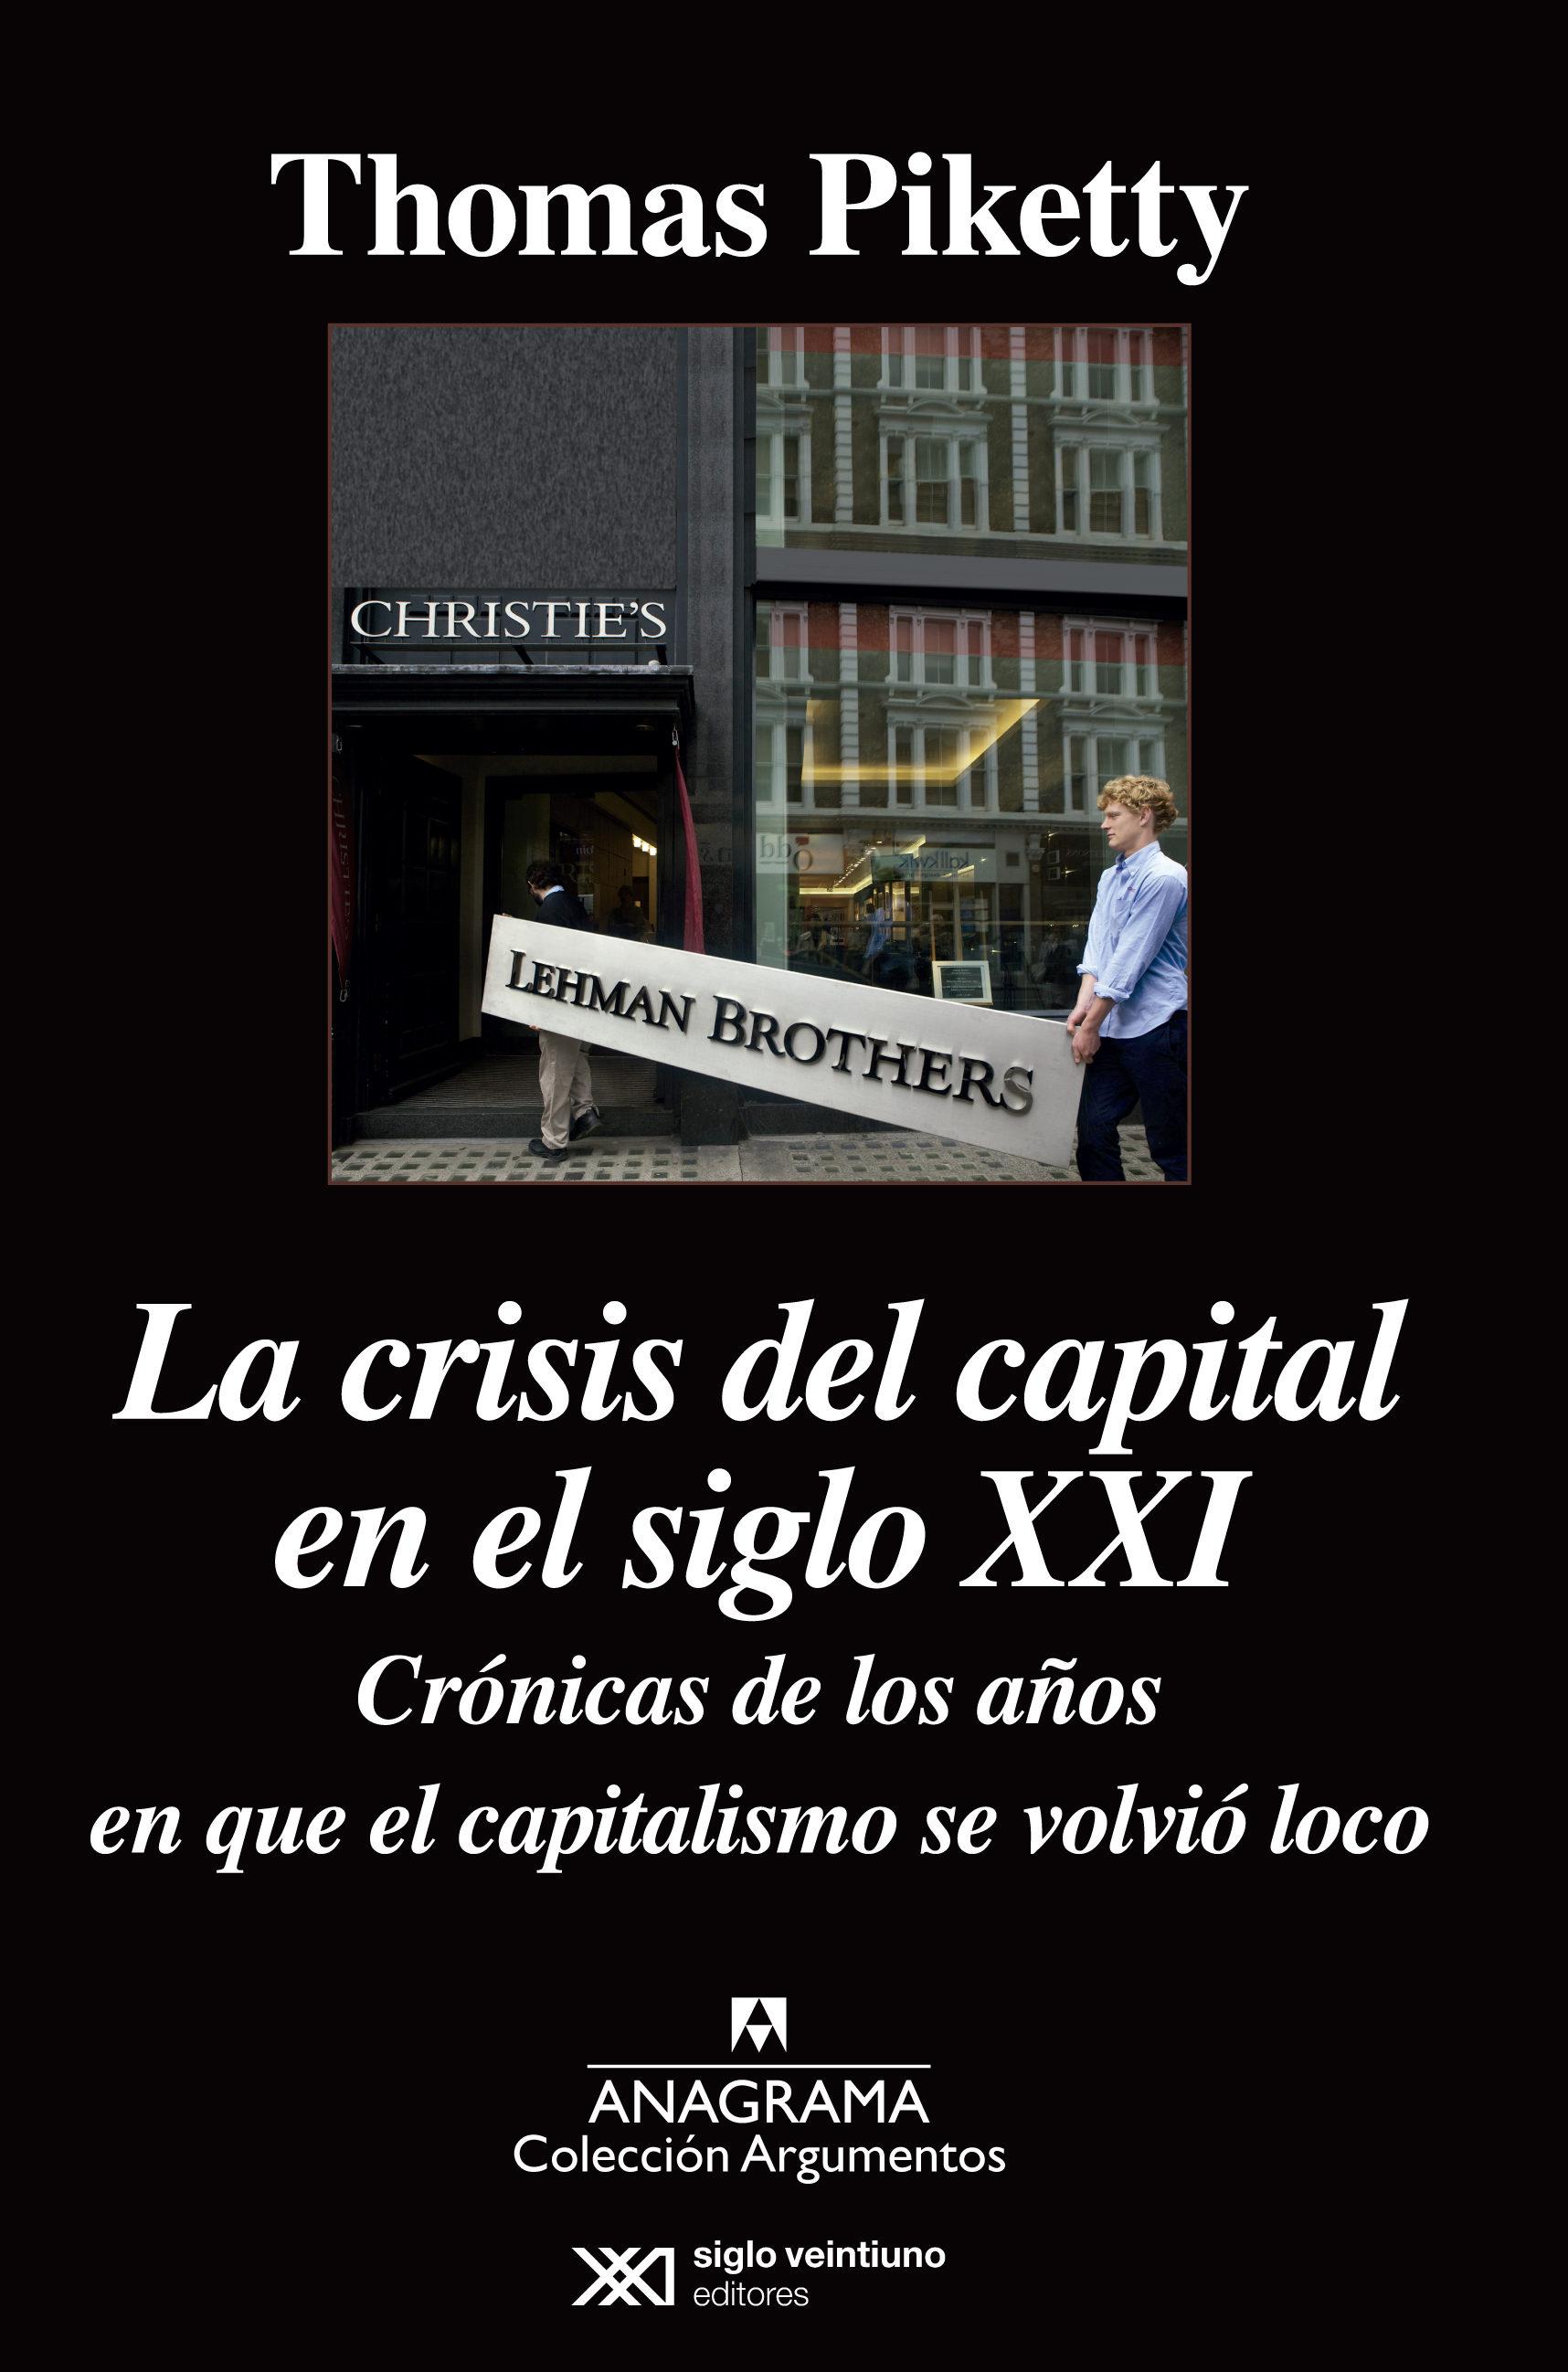 La crisis del capital en el siglo xxi thomas piketty 9788433963949